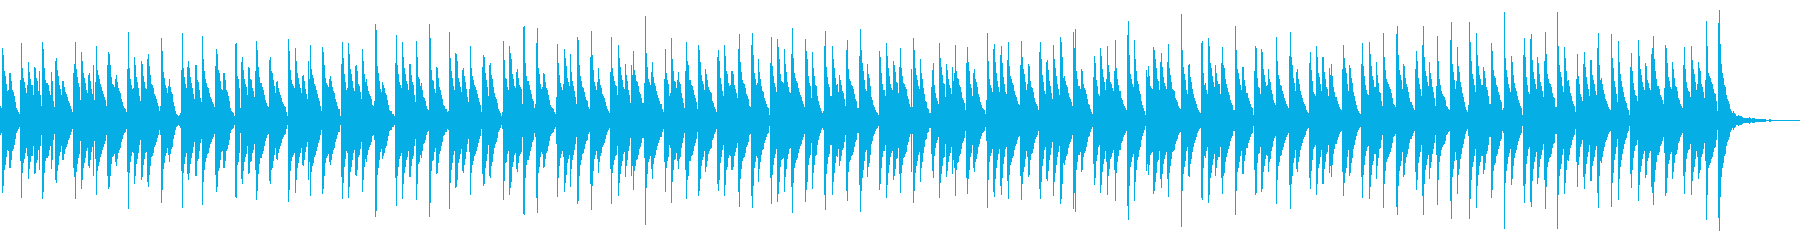 ラテン火山パーカッショングローブ、...の再生済みの波形